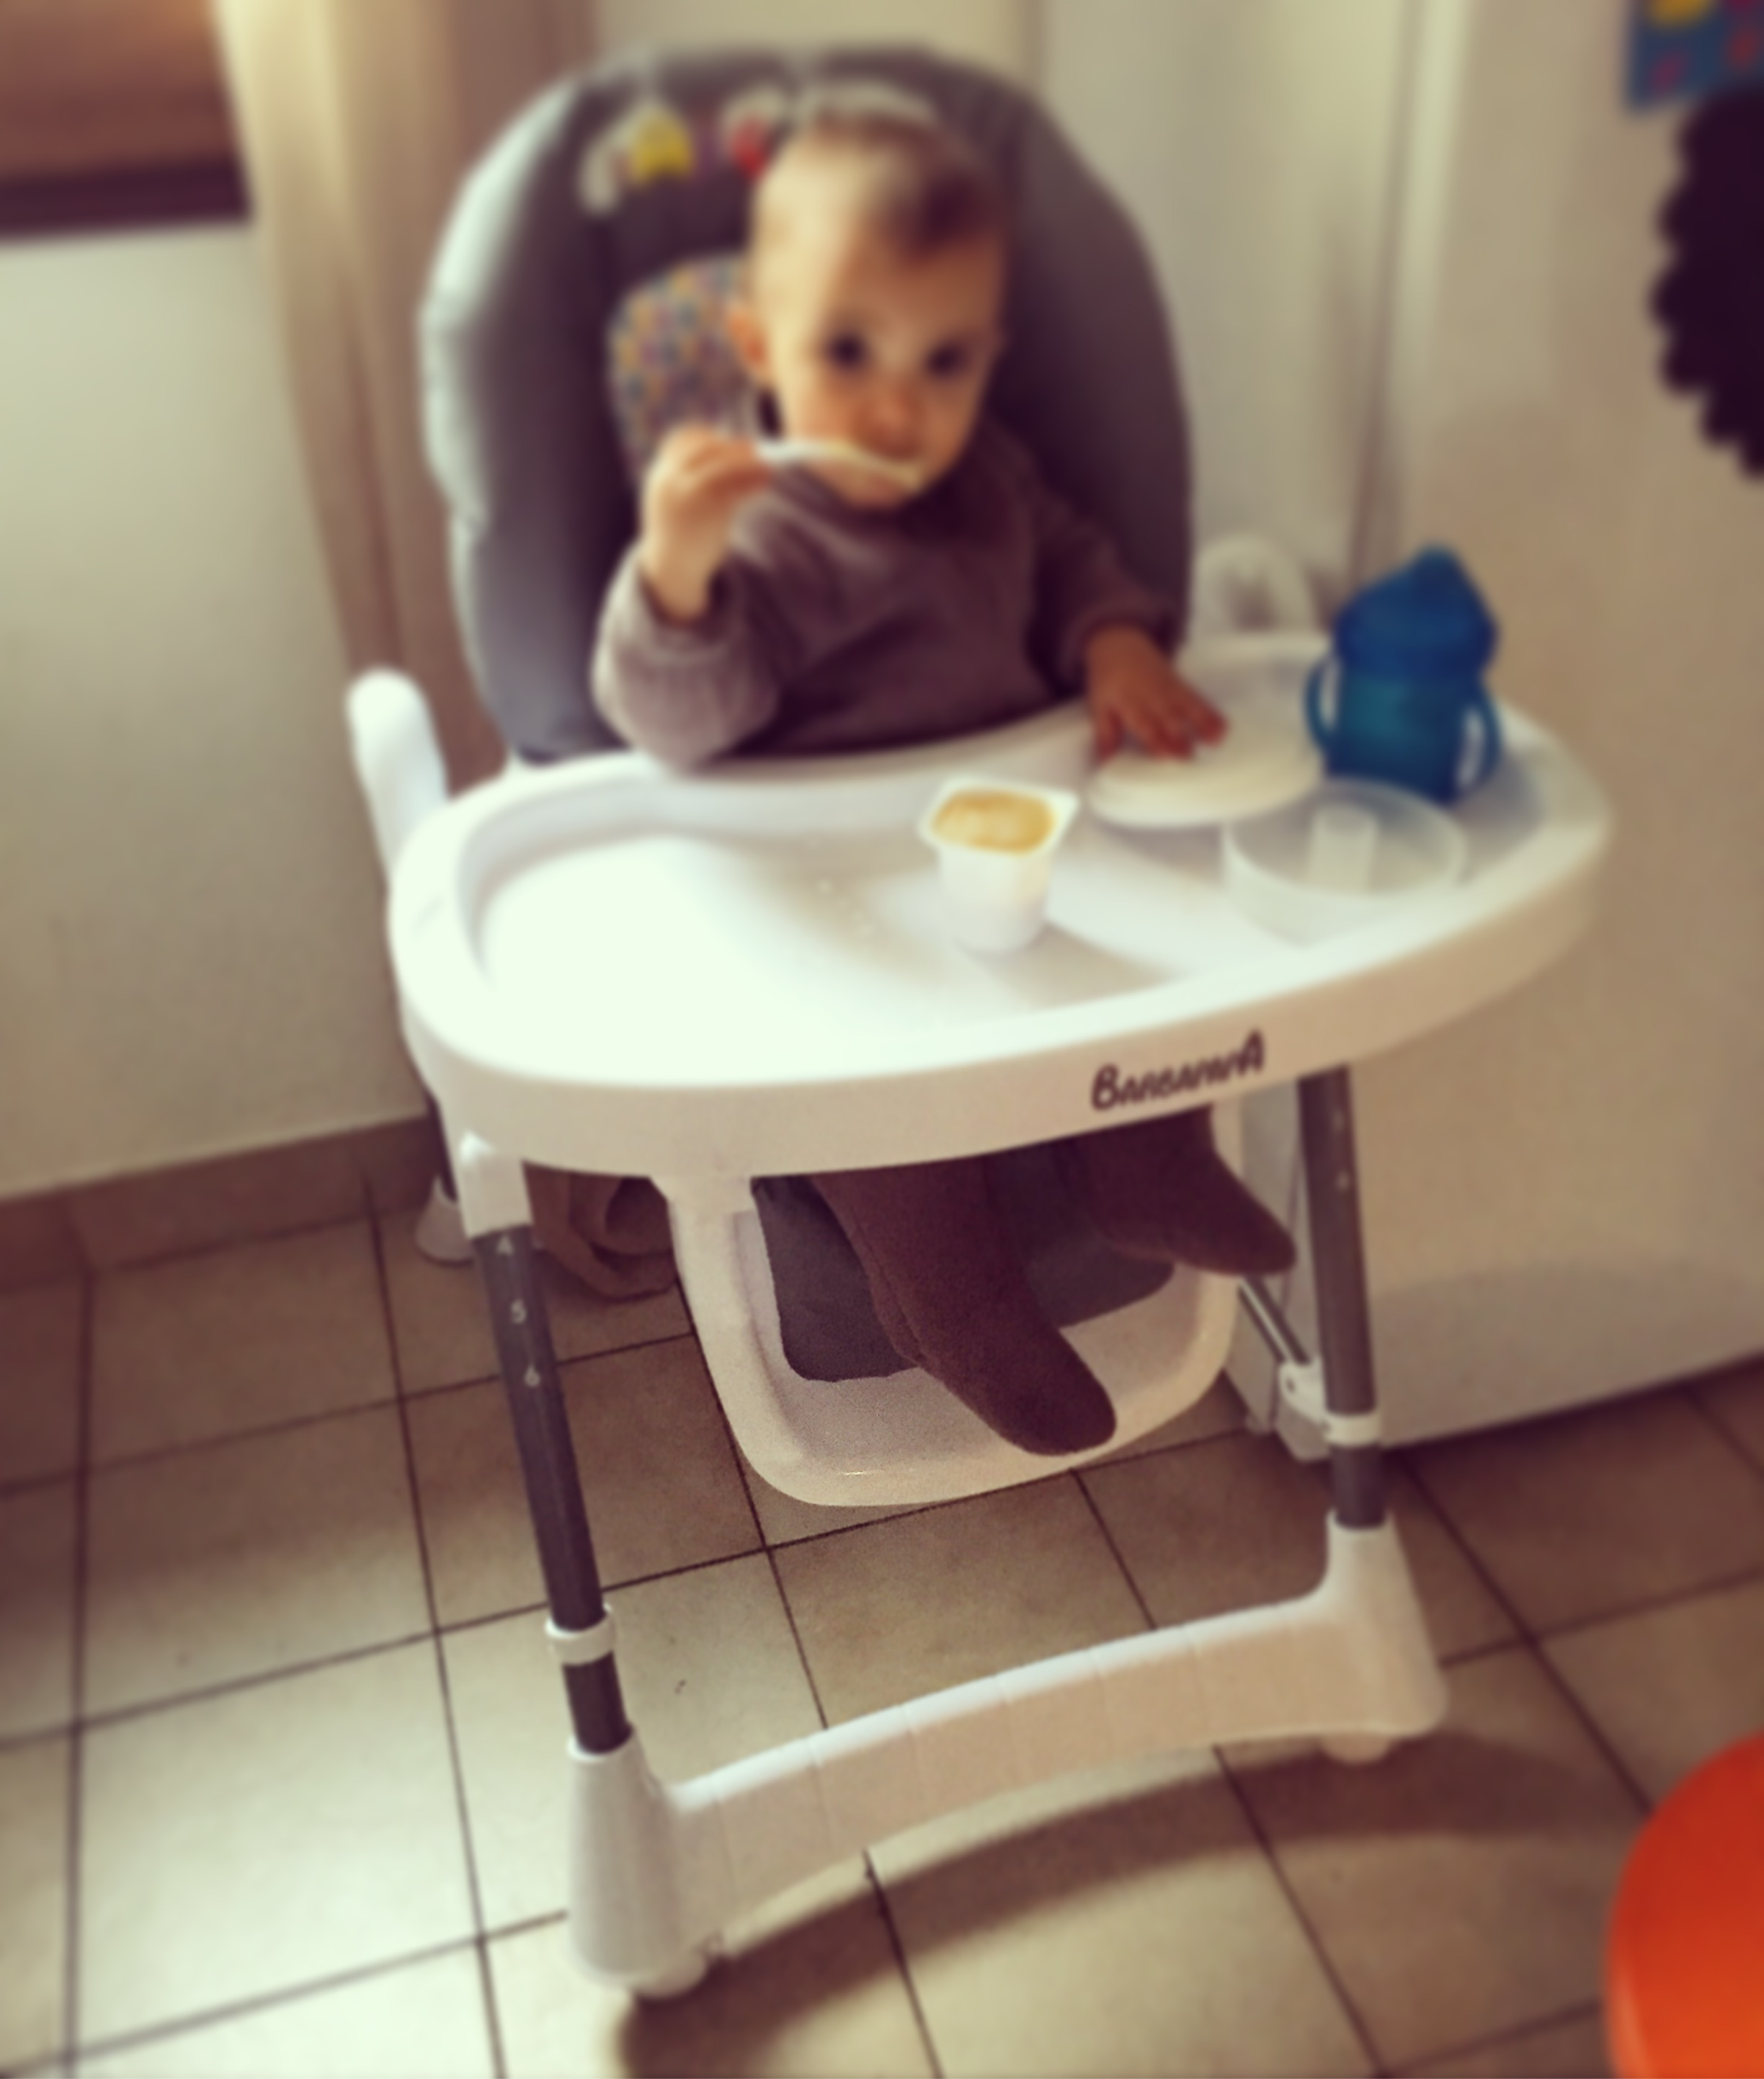 Concours et test la chaise haute barbapapa autour de b b for Autour de bebe portet